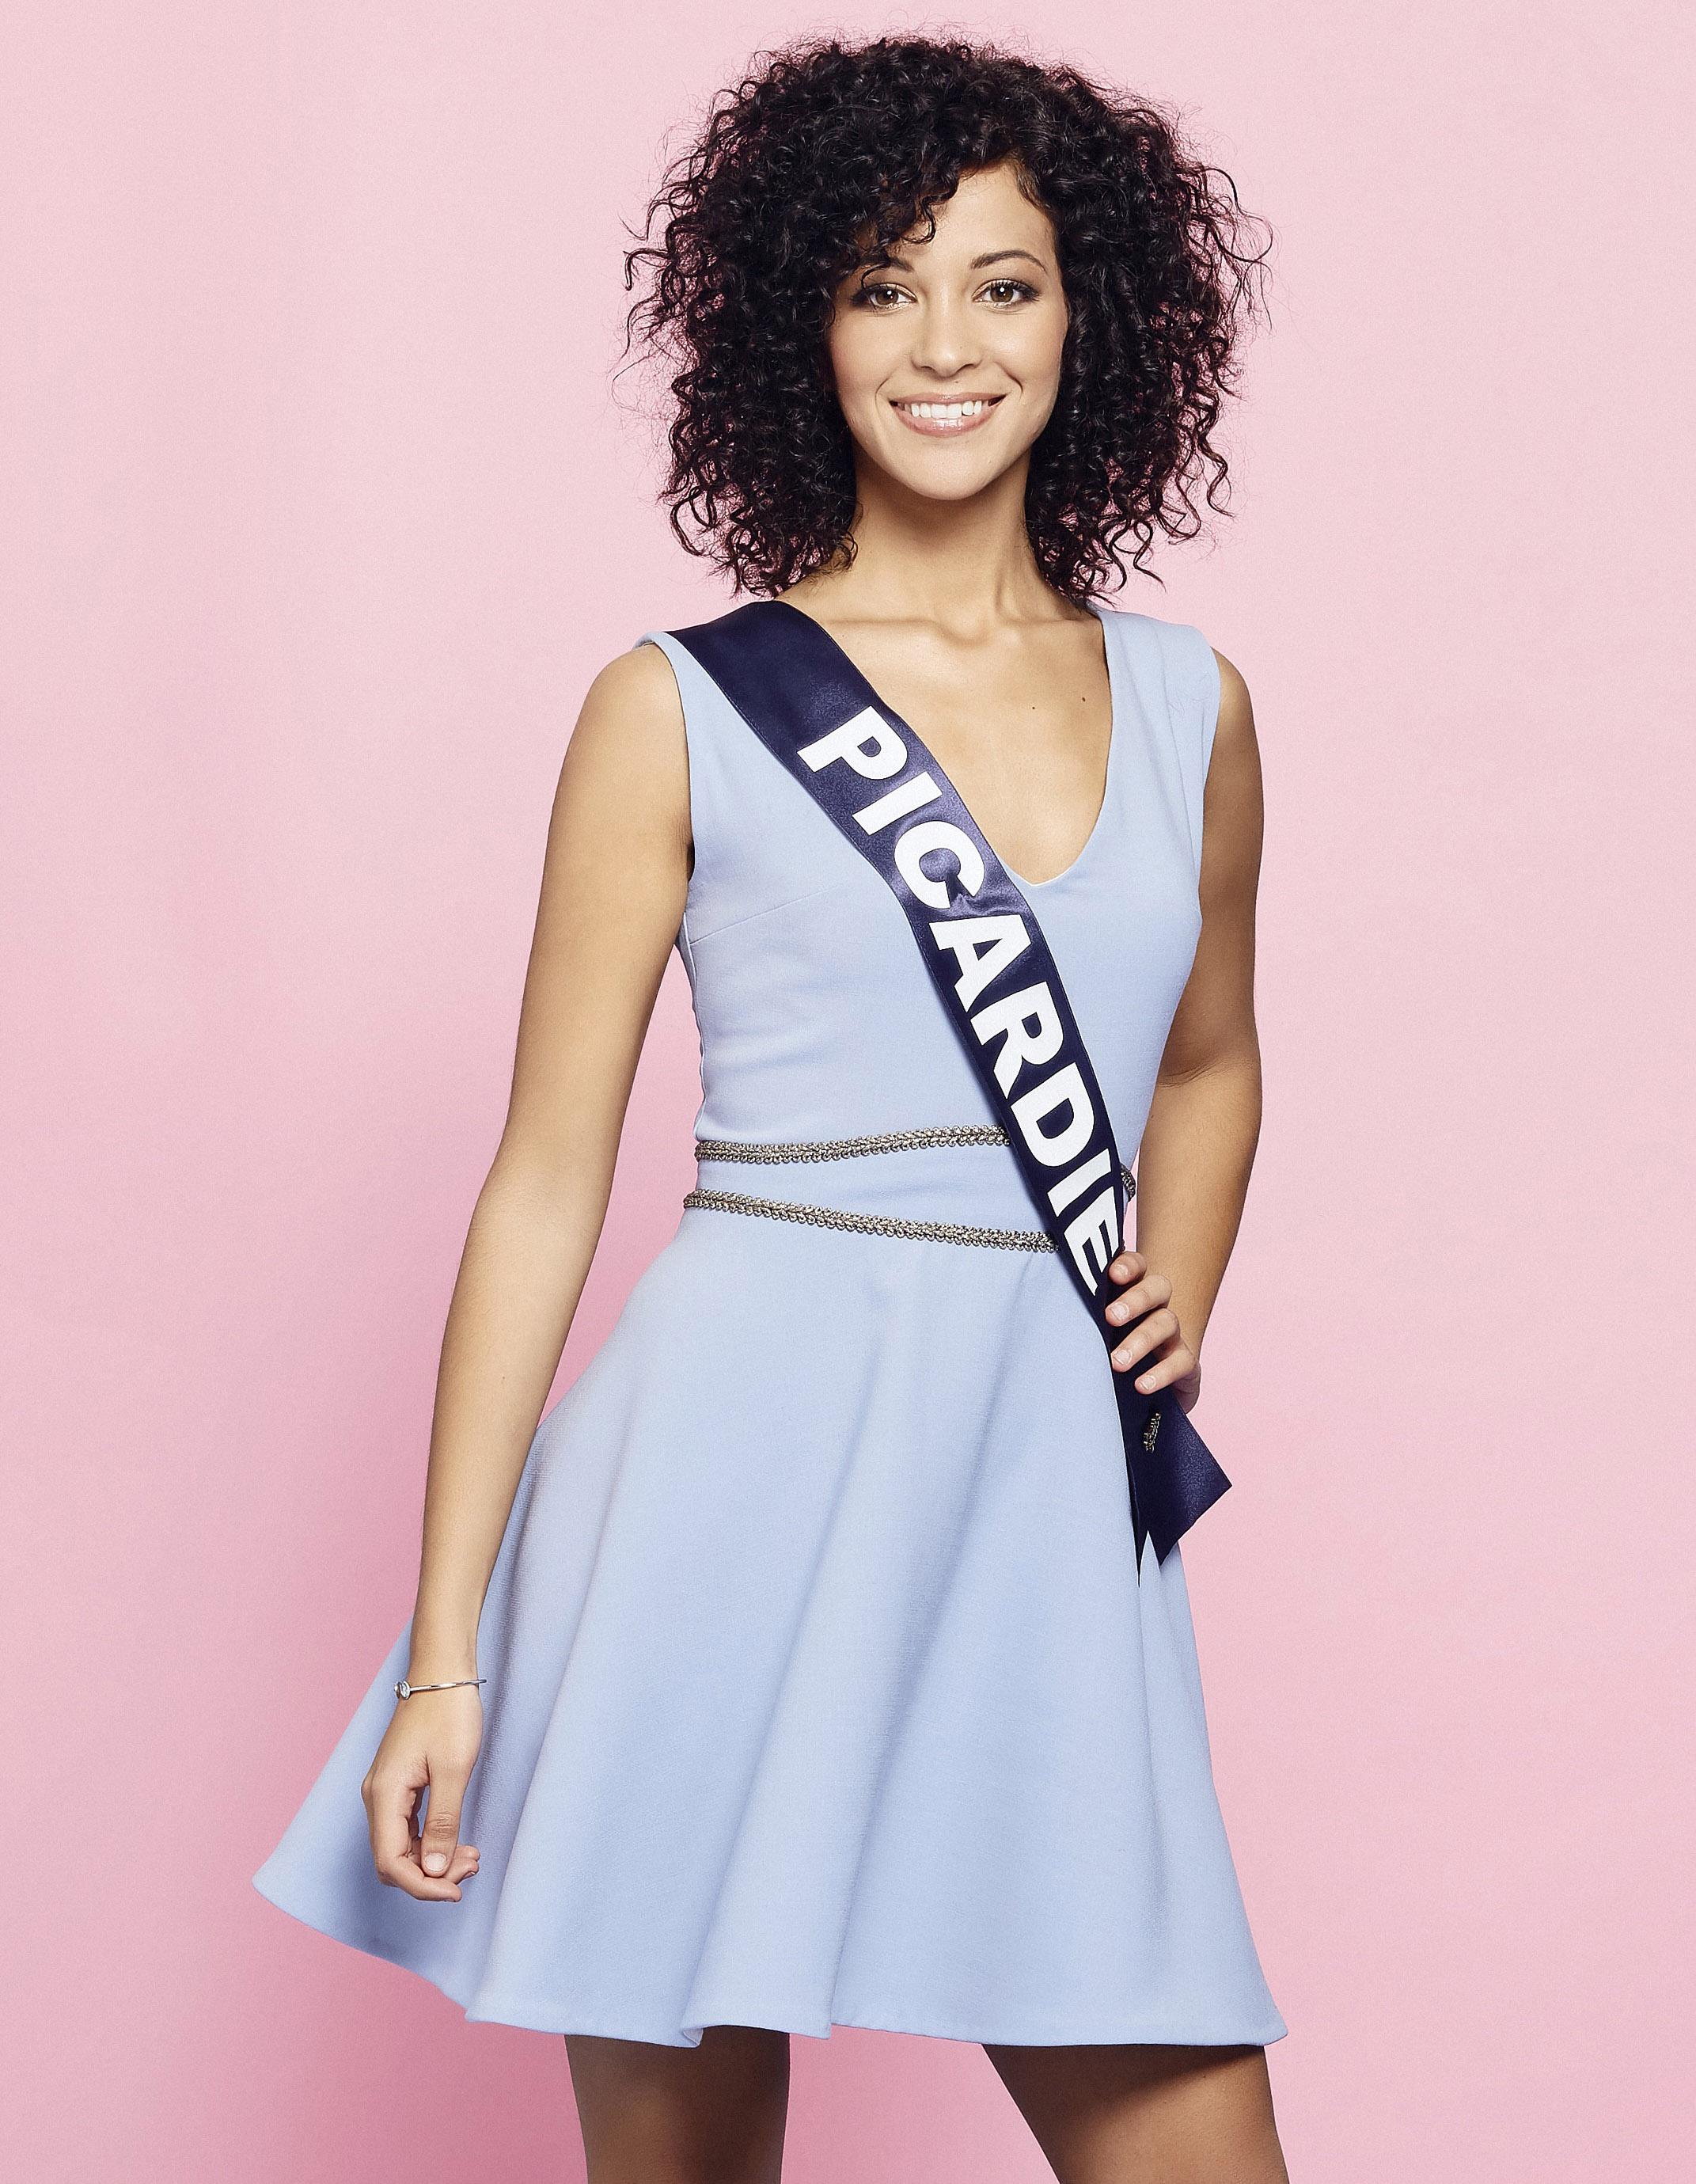 Miss Picardie - Assia Kerim